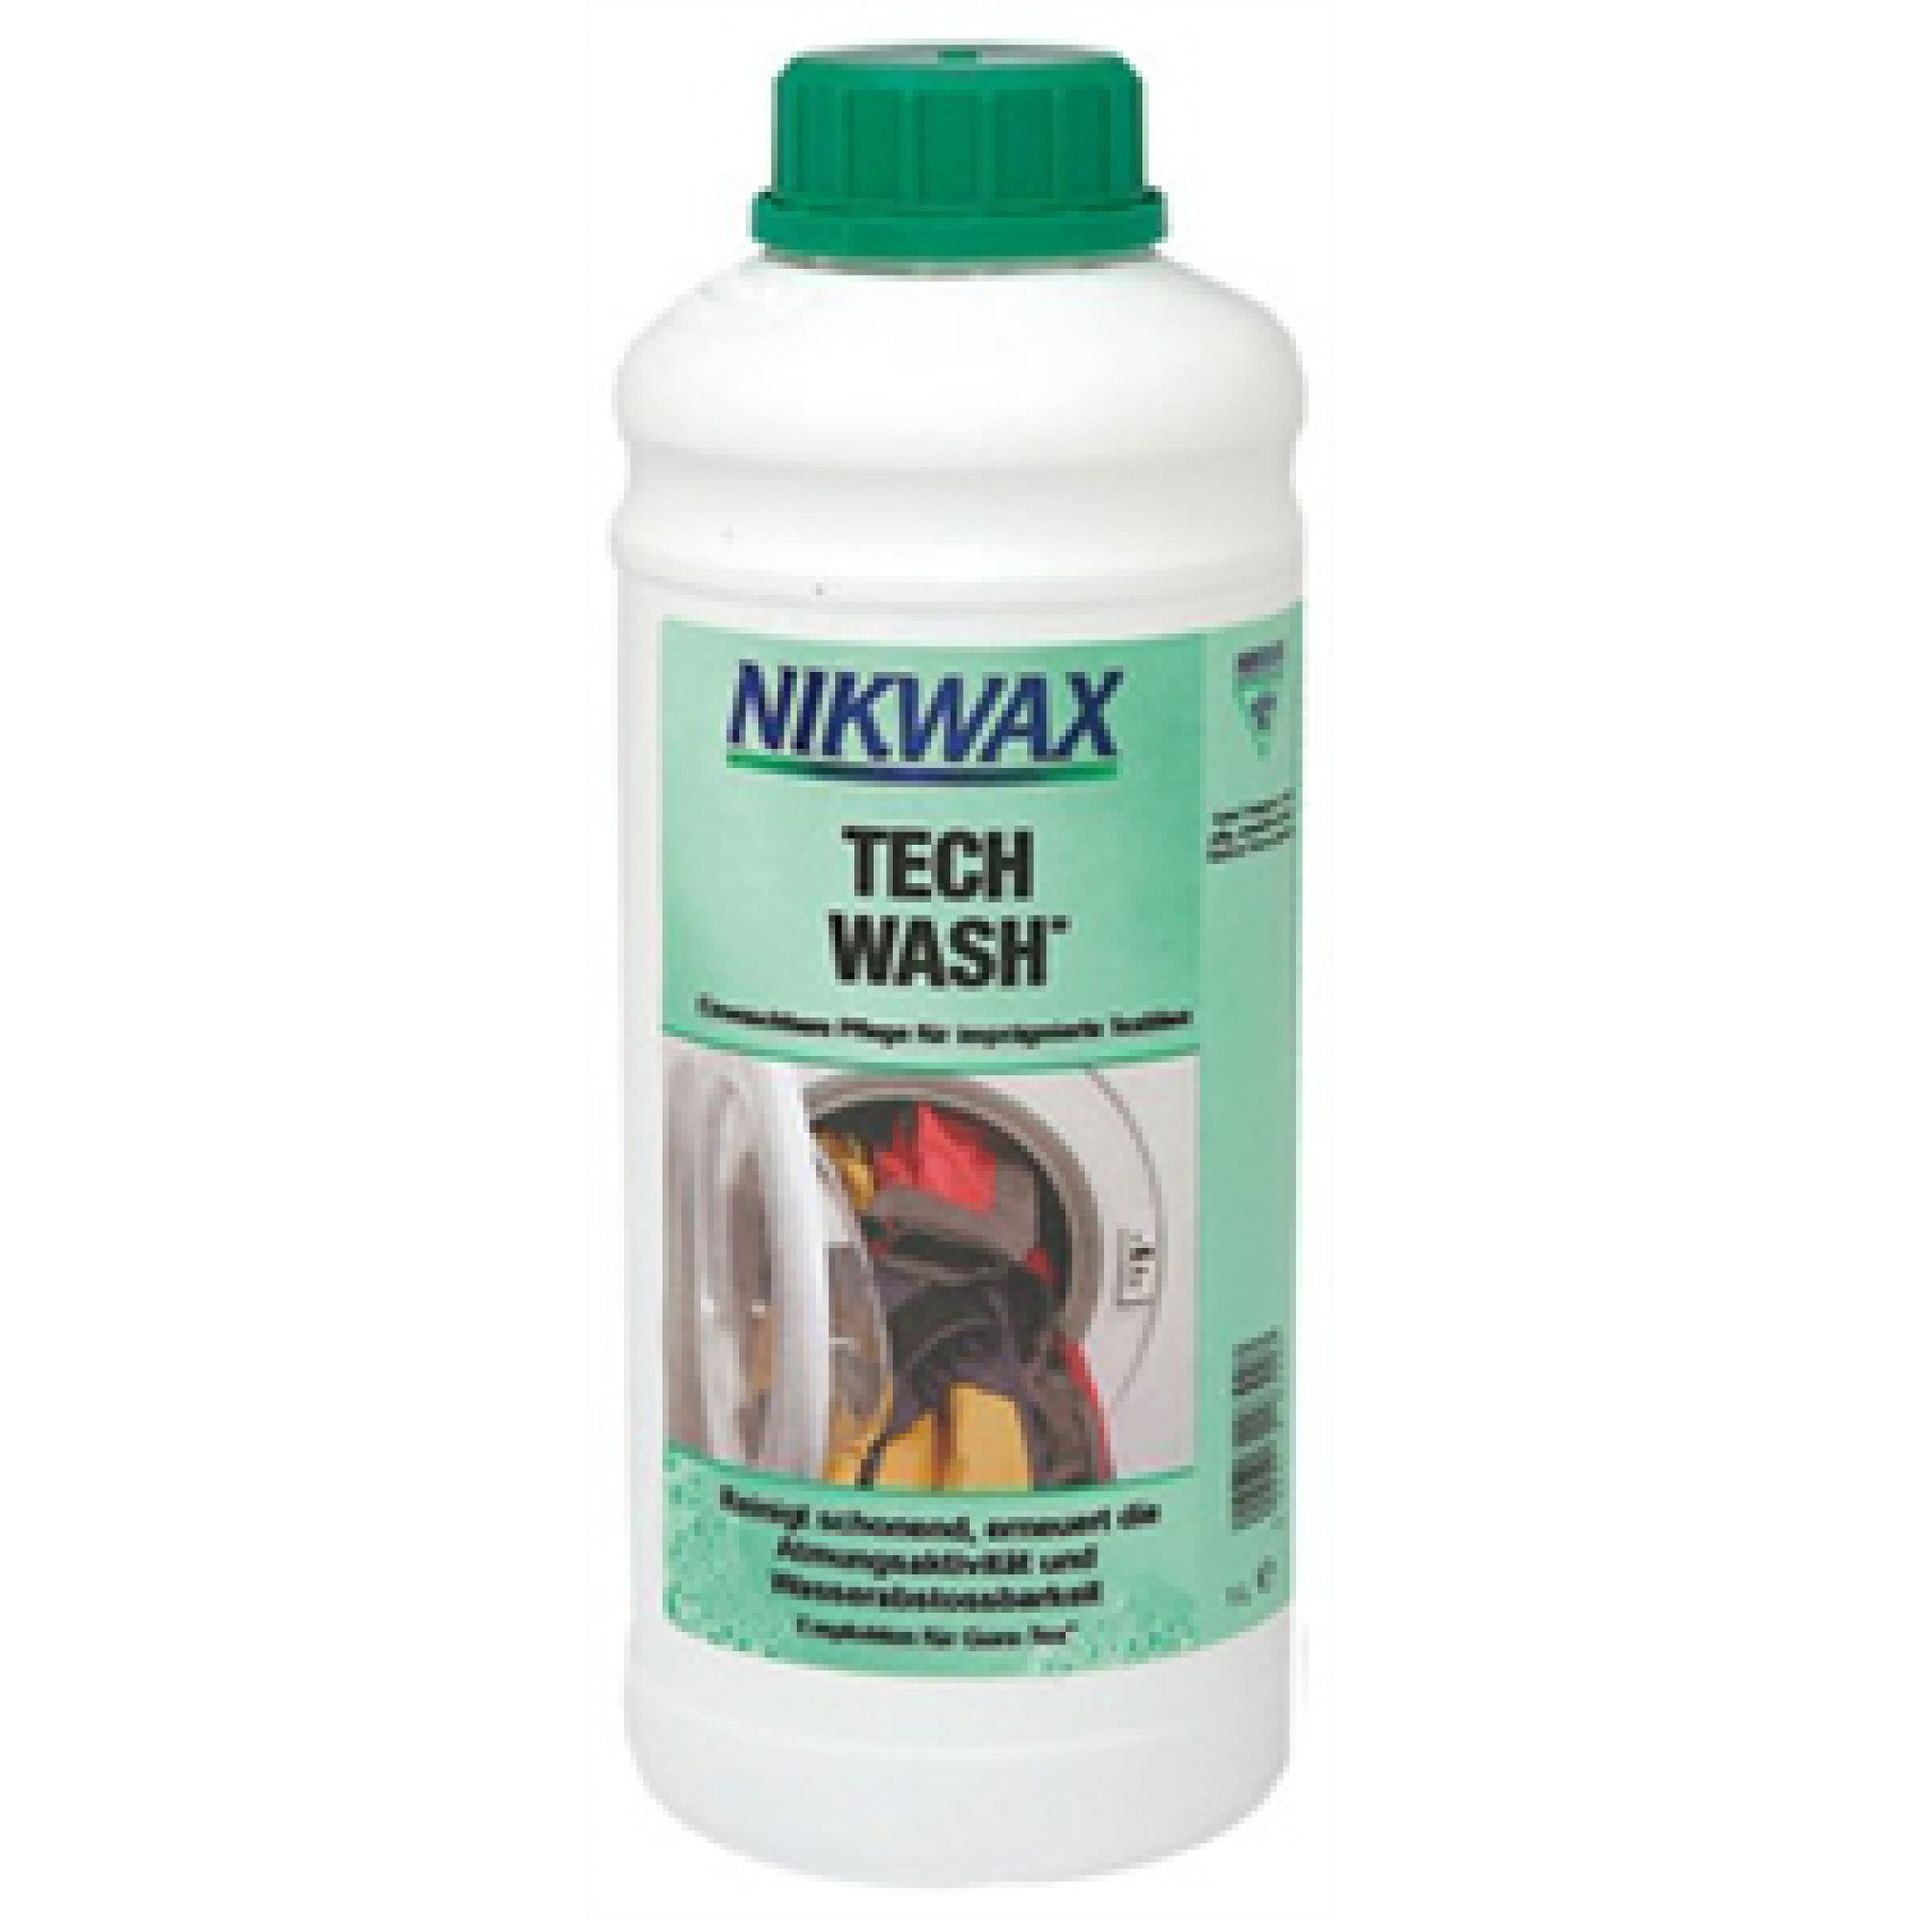 ŚRODEK CZYSZCZĄCY NIKWAX TECH WASH 3